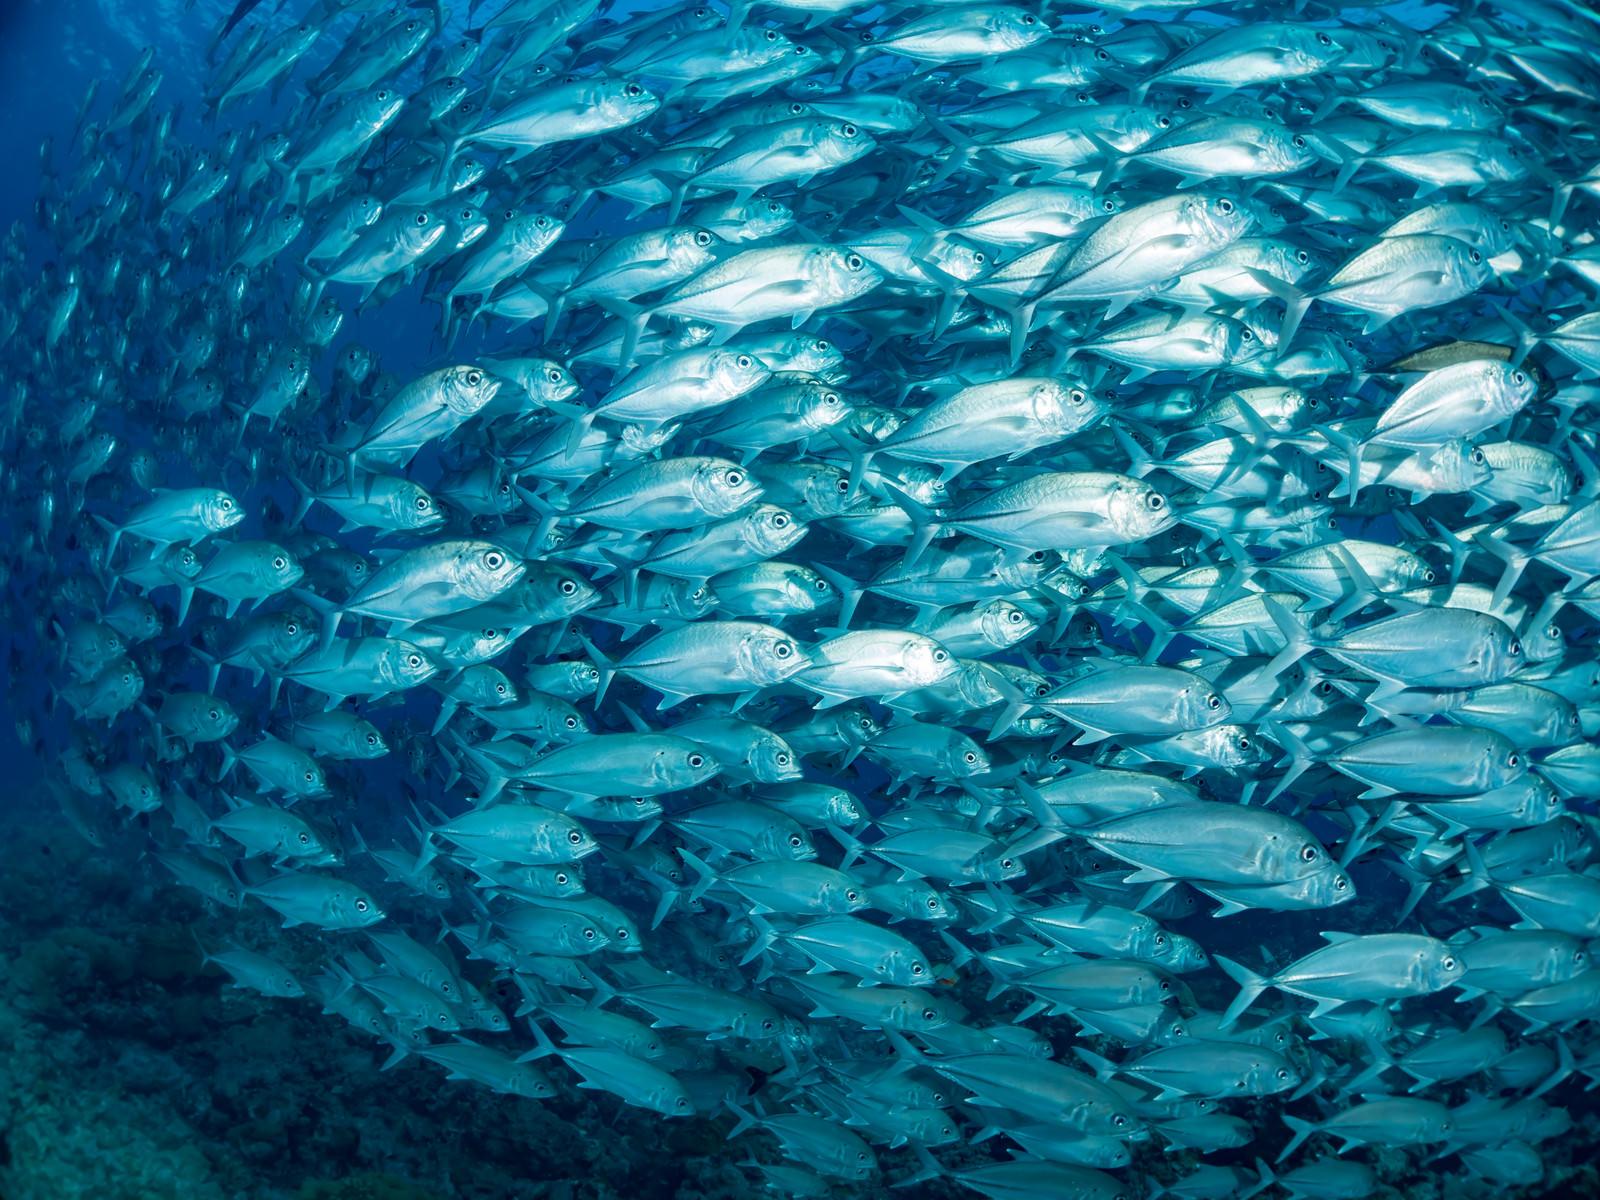 「迫るギンガメアジの群れ」の写真